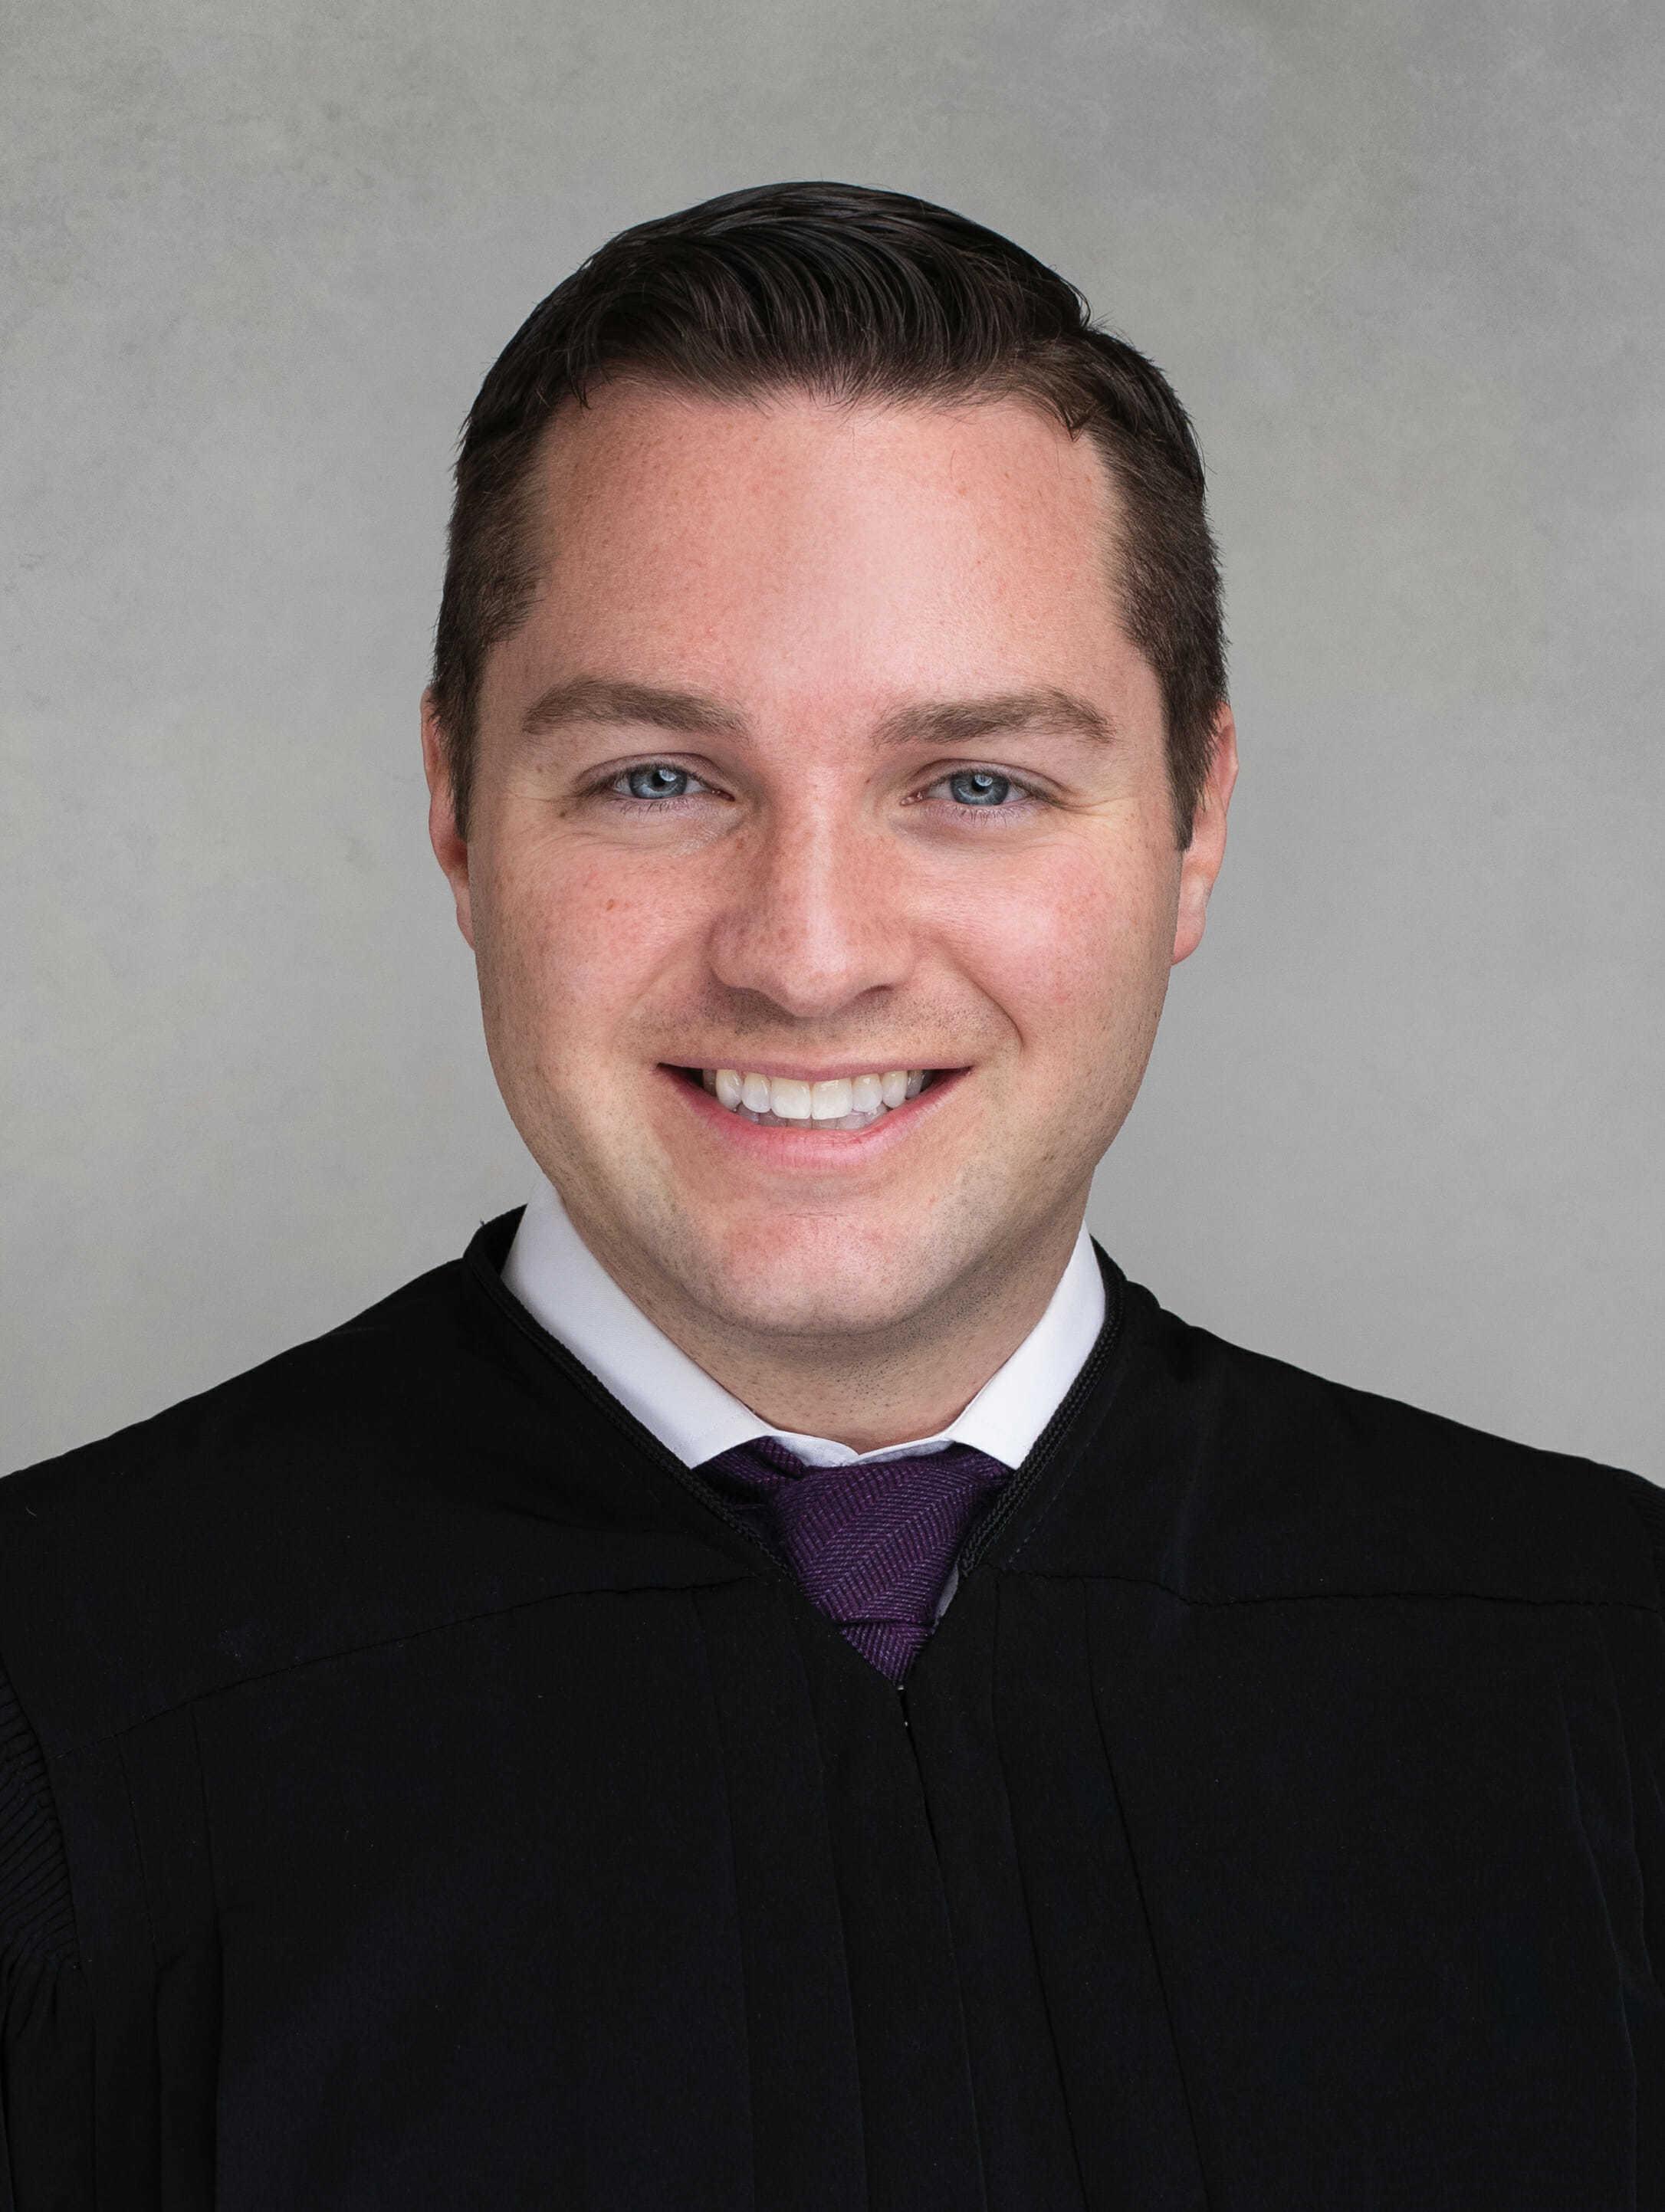 Judge Cunningham